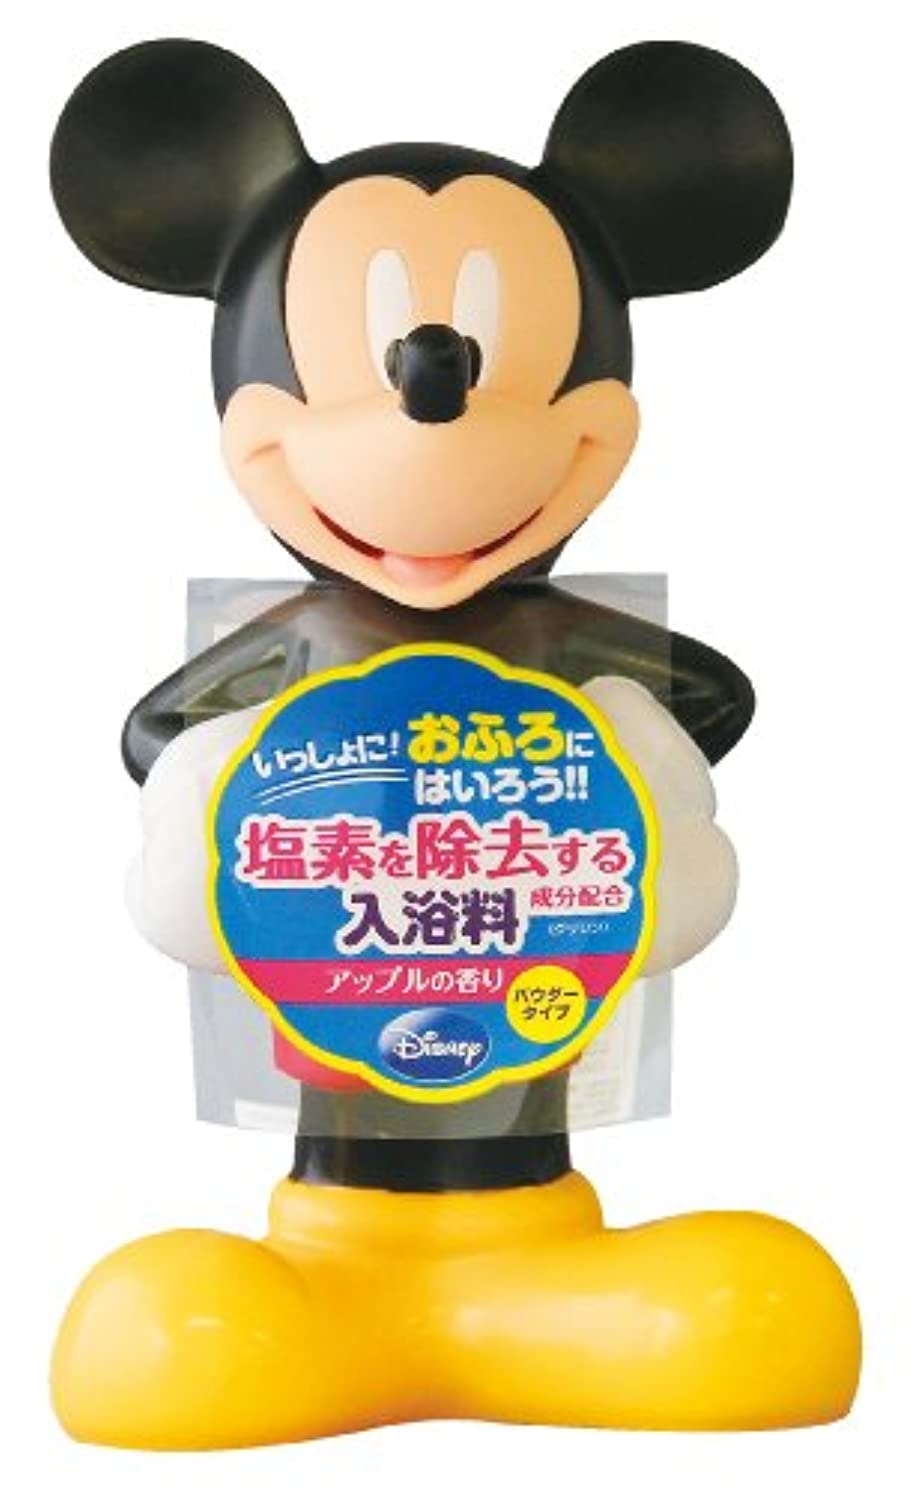 排他的こどもセンター提供ディズニー バスタイム 3D入浴料 ミッキーマウス 180g